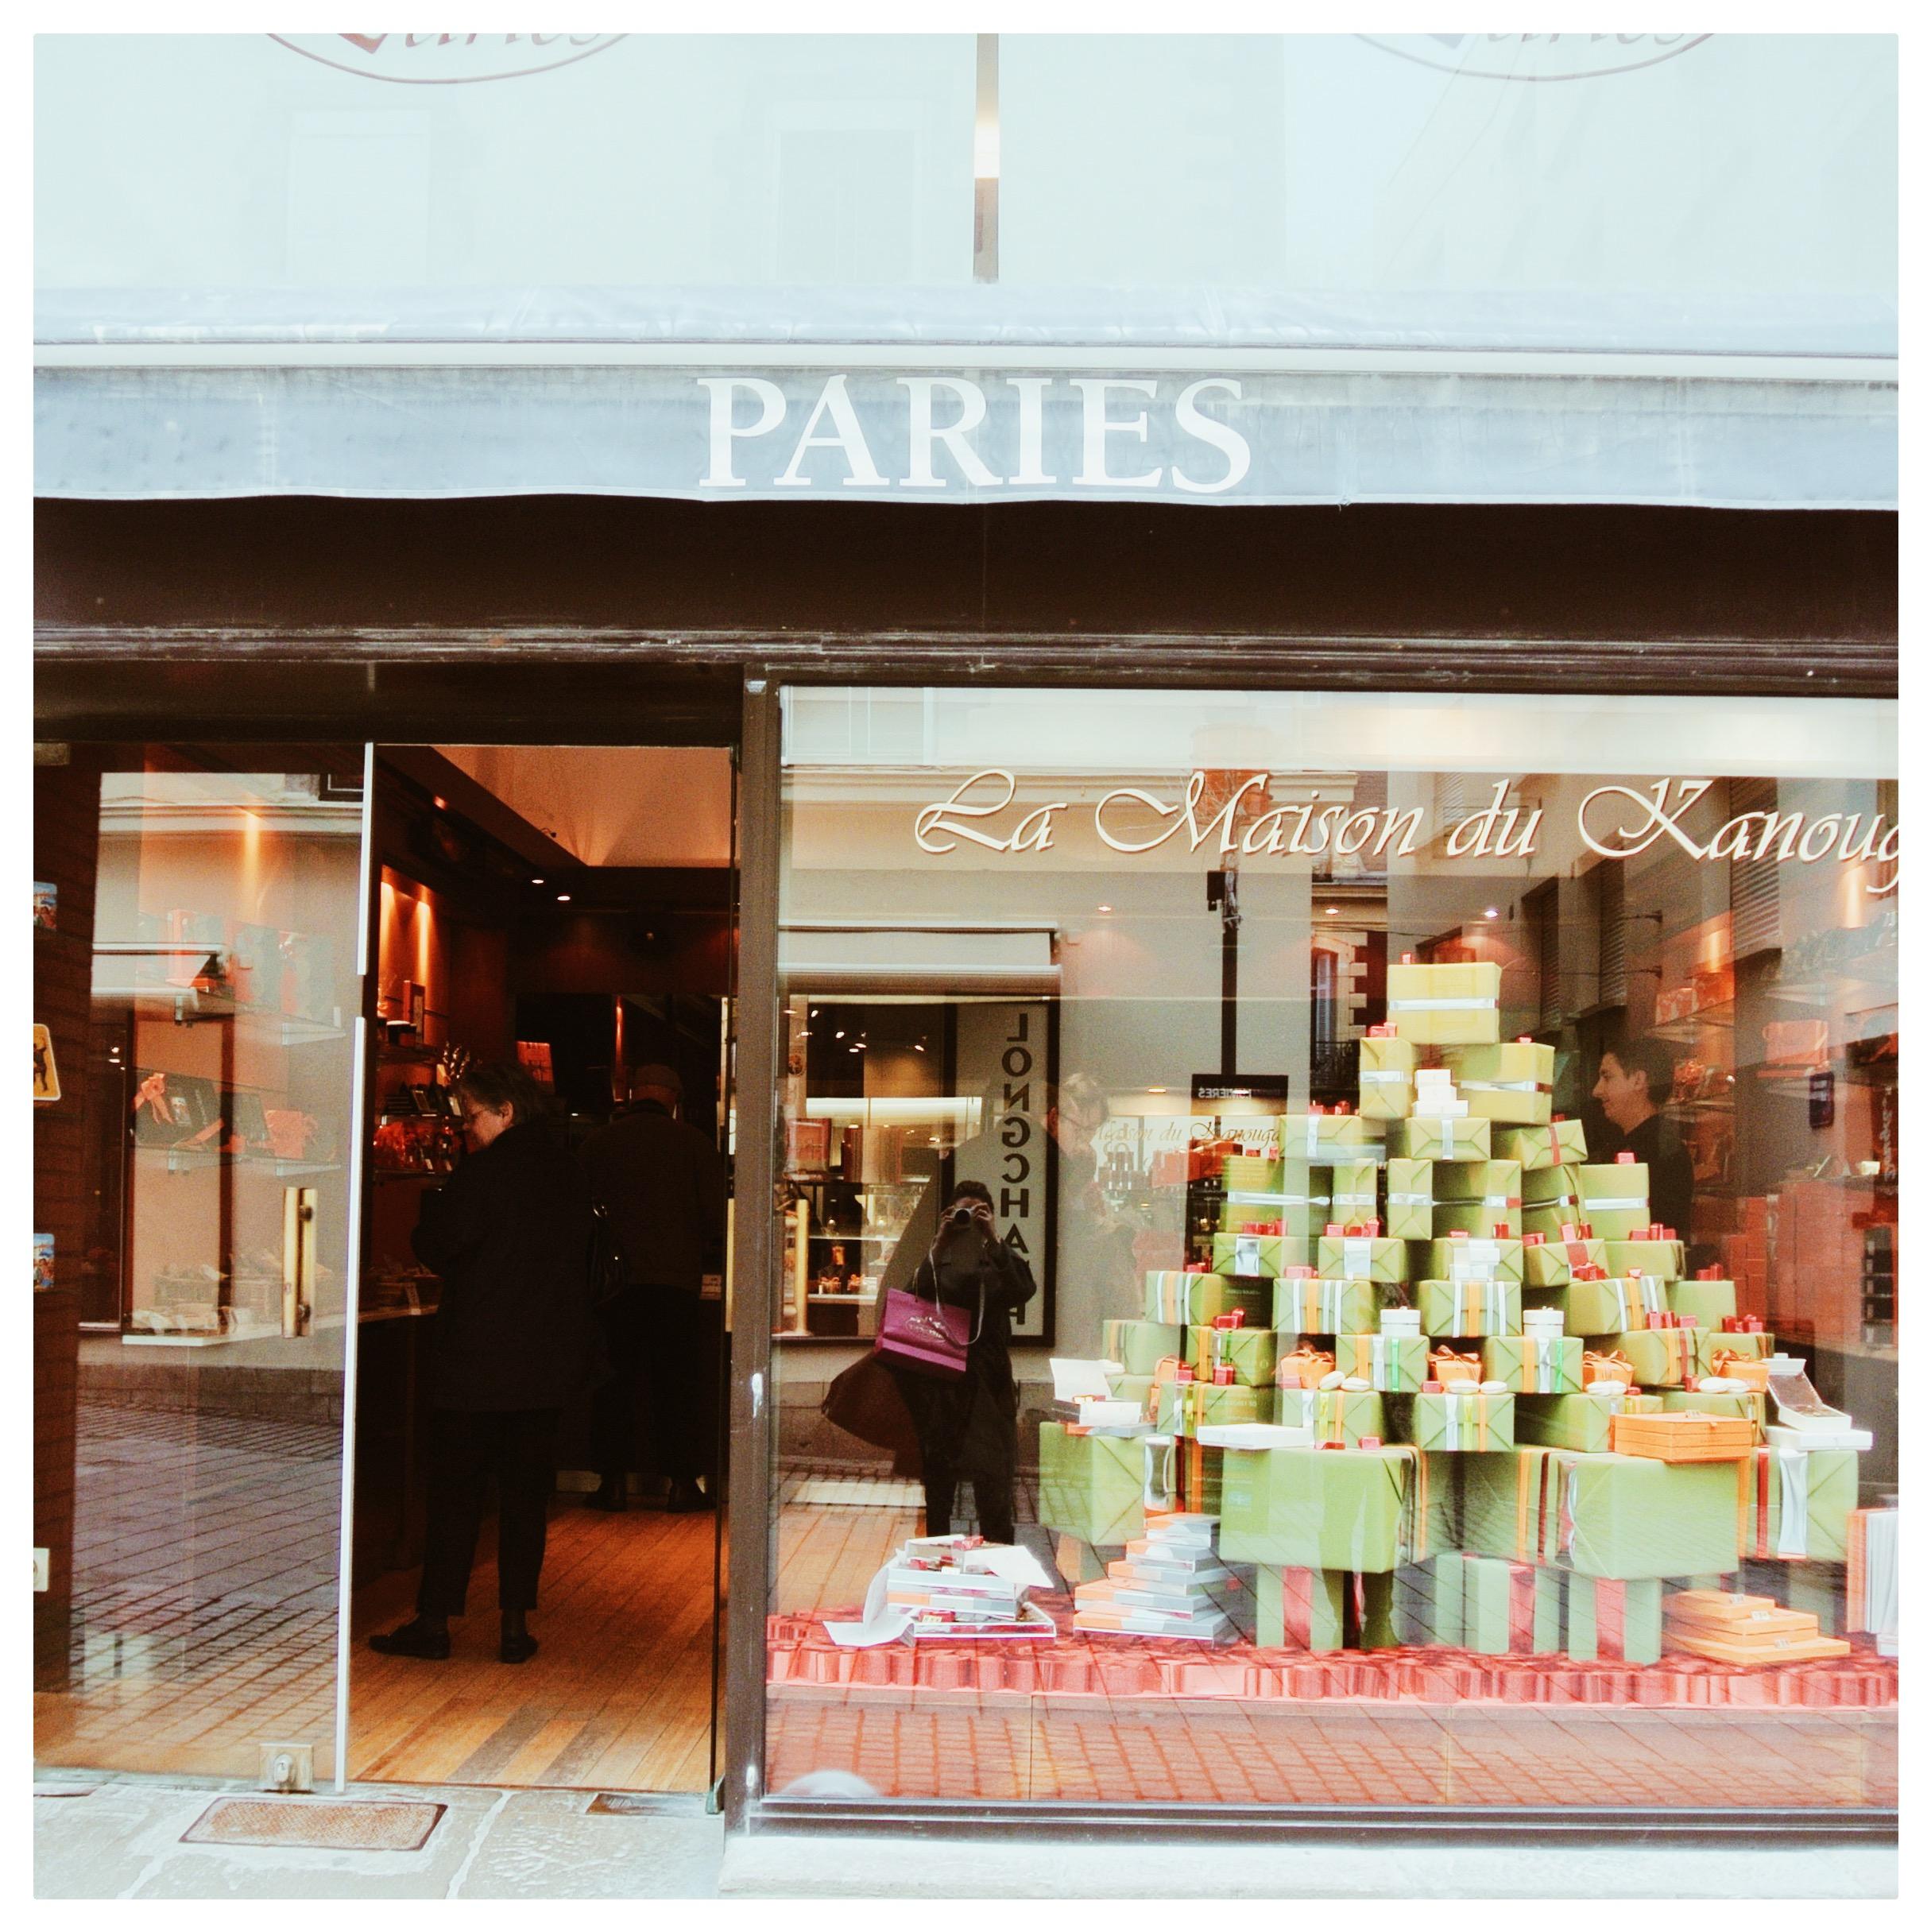 Paries Chocolatier